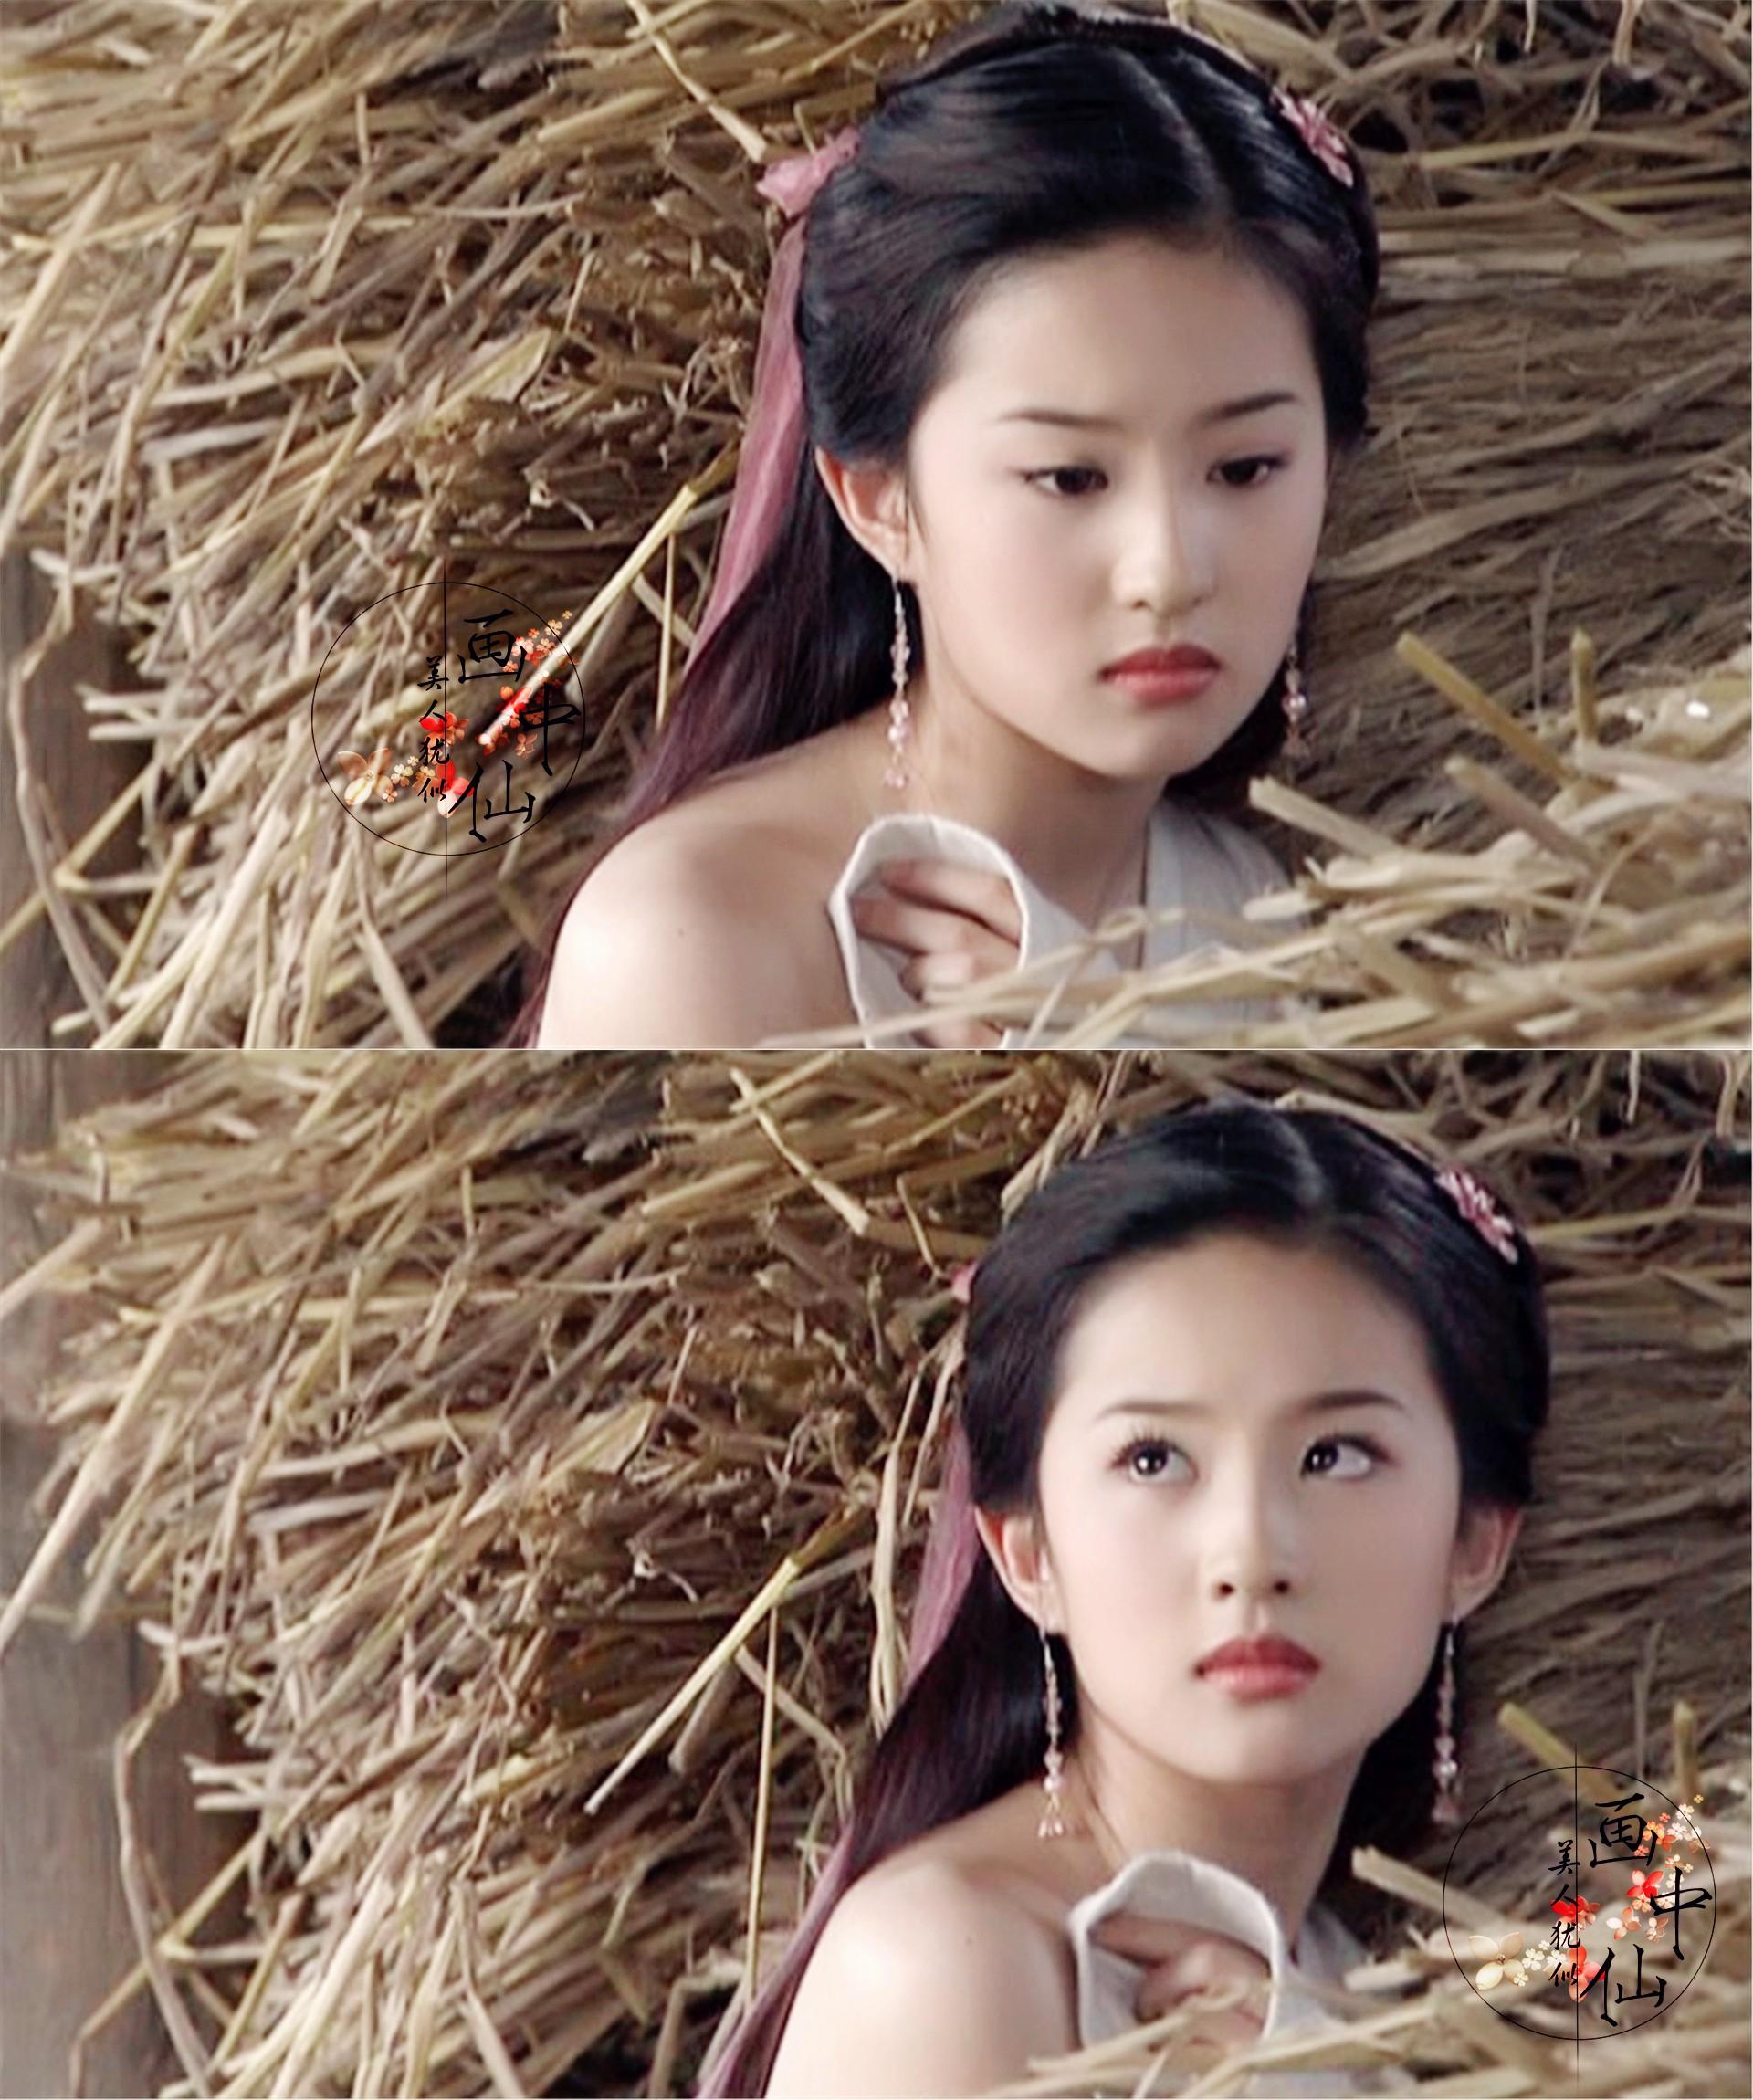 9 phim châu Á có cảnh nóng chưa đủ tuổi gây tranh cãi: Lưu Diệc Phi mới 16 tuổi, sao nhí Kim So Hyun chỉ vừa 13 - Ảnh 7.